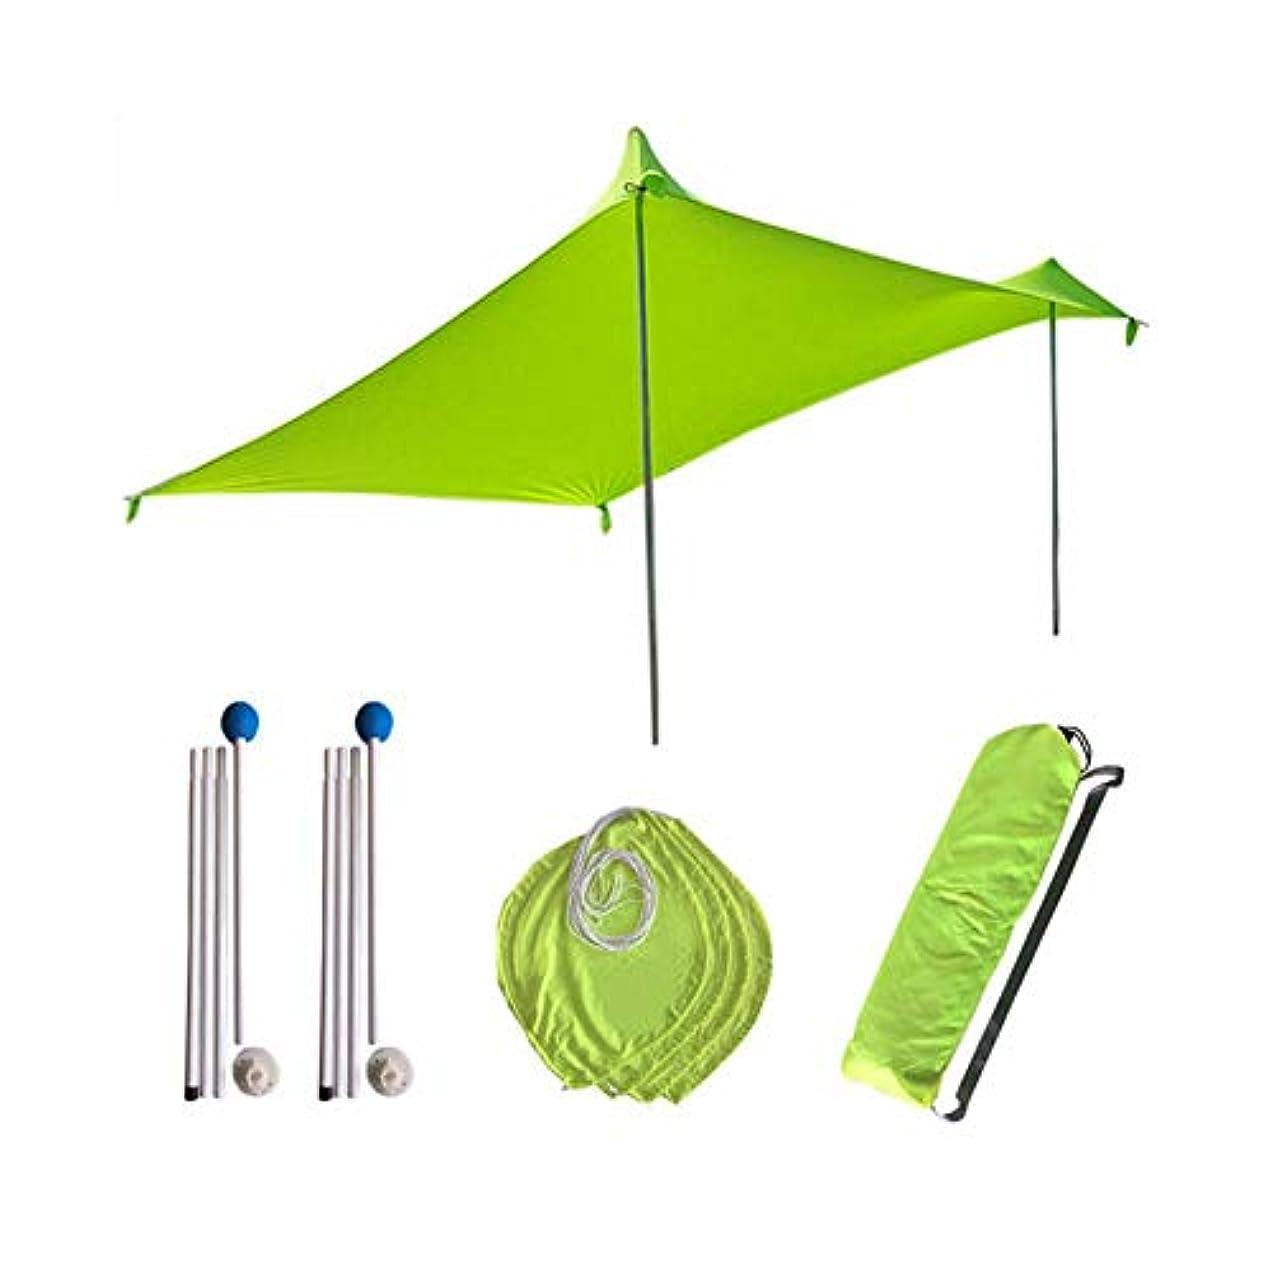 理論的貫入夜軽量 テント用シート 日よけシェルター 日陰マット 直敷きマット アウトドア キャンプ ハイキング用 オーニング ビーチ 大きいサイズ